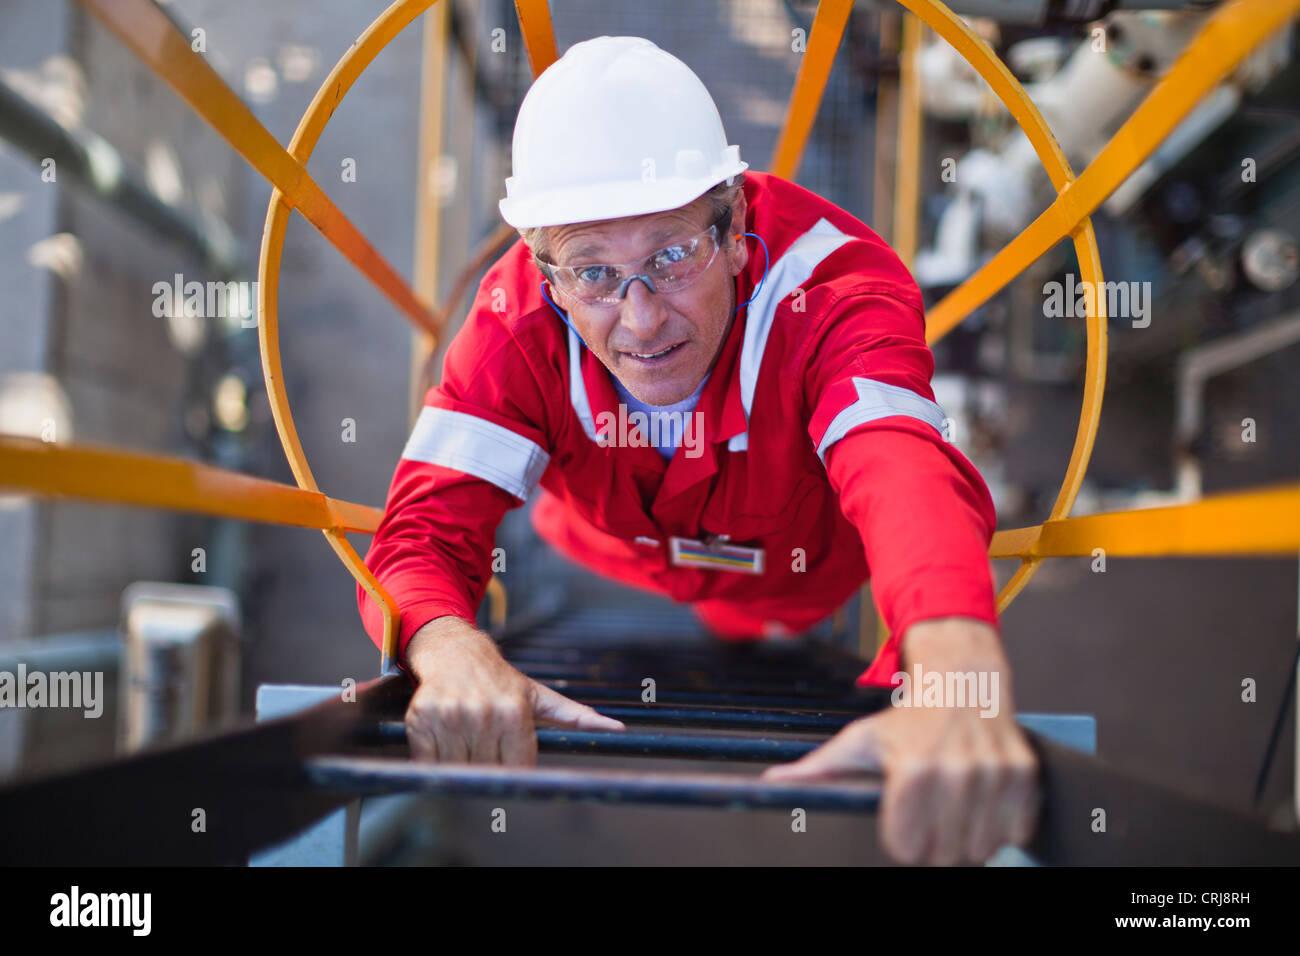 Worker climbing ladder à la raffinerie de pétrole Photo Stock